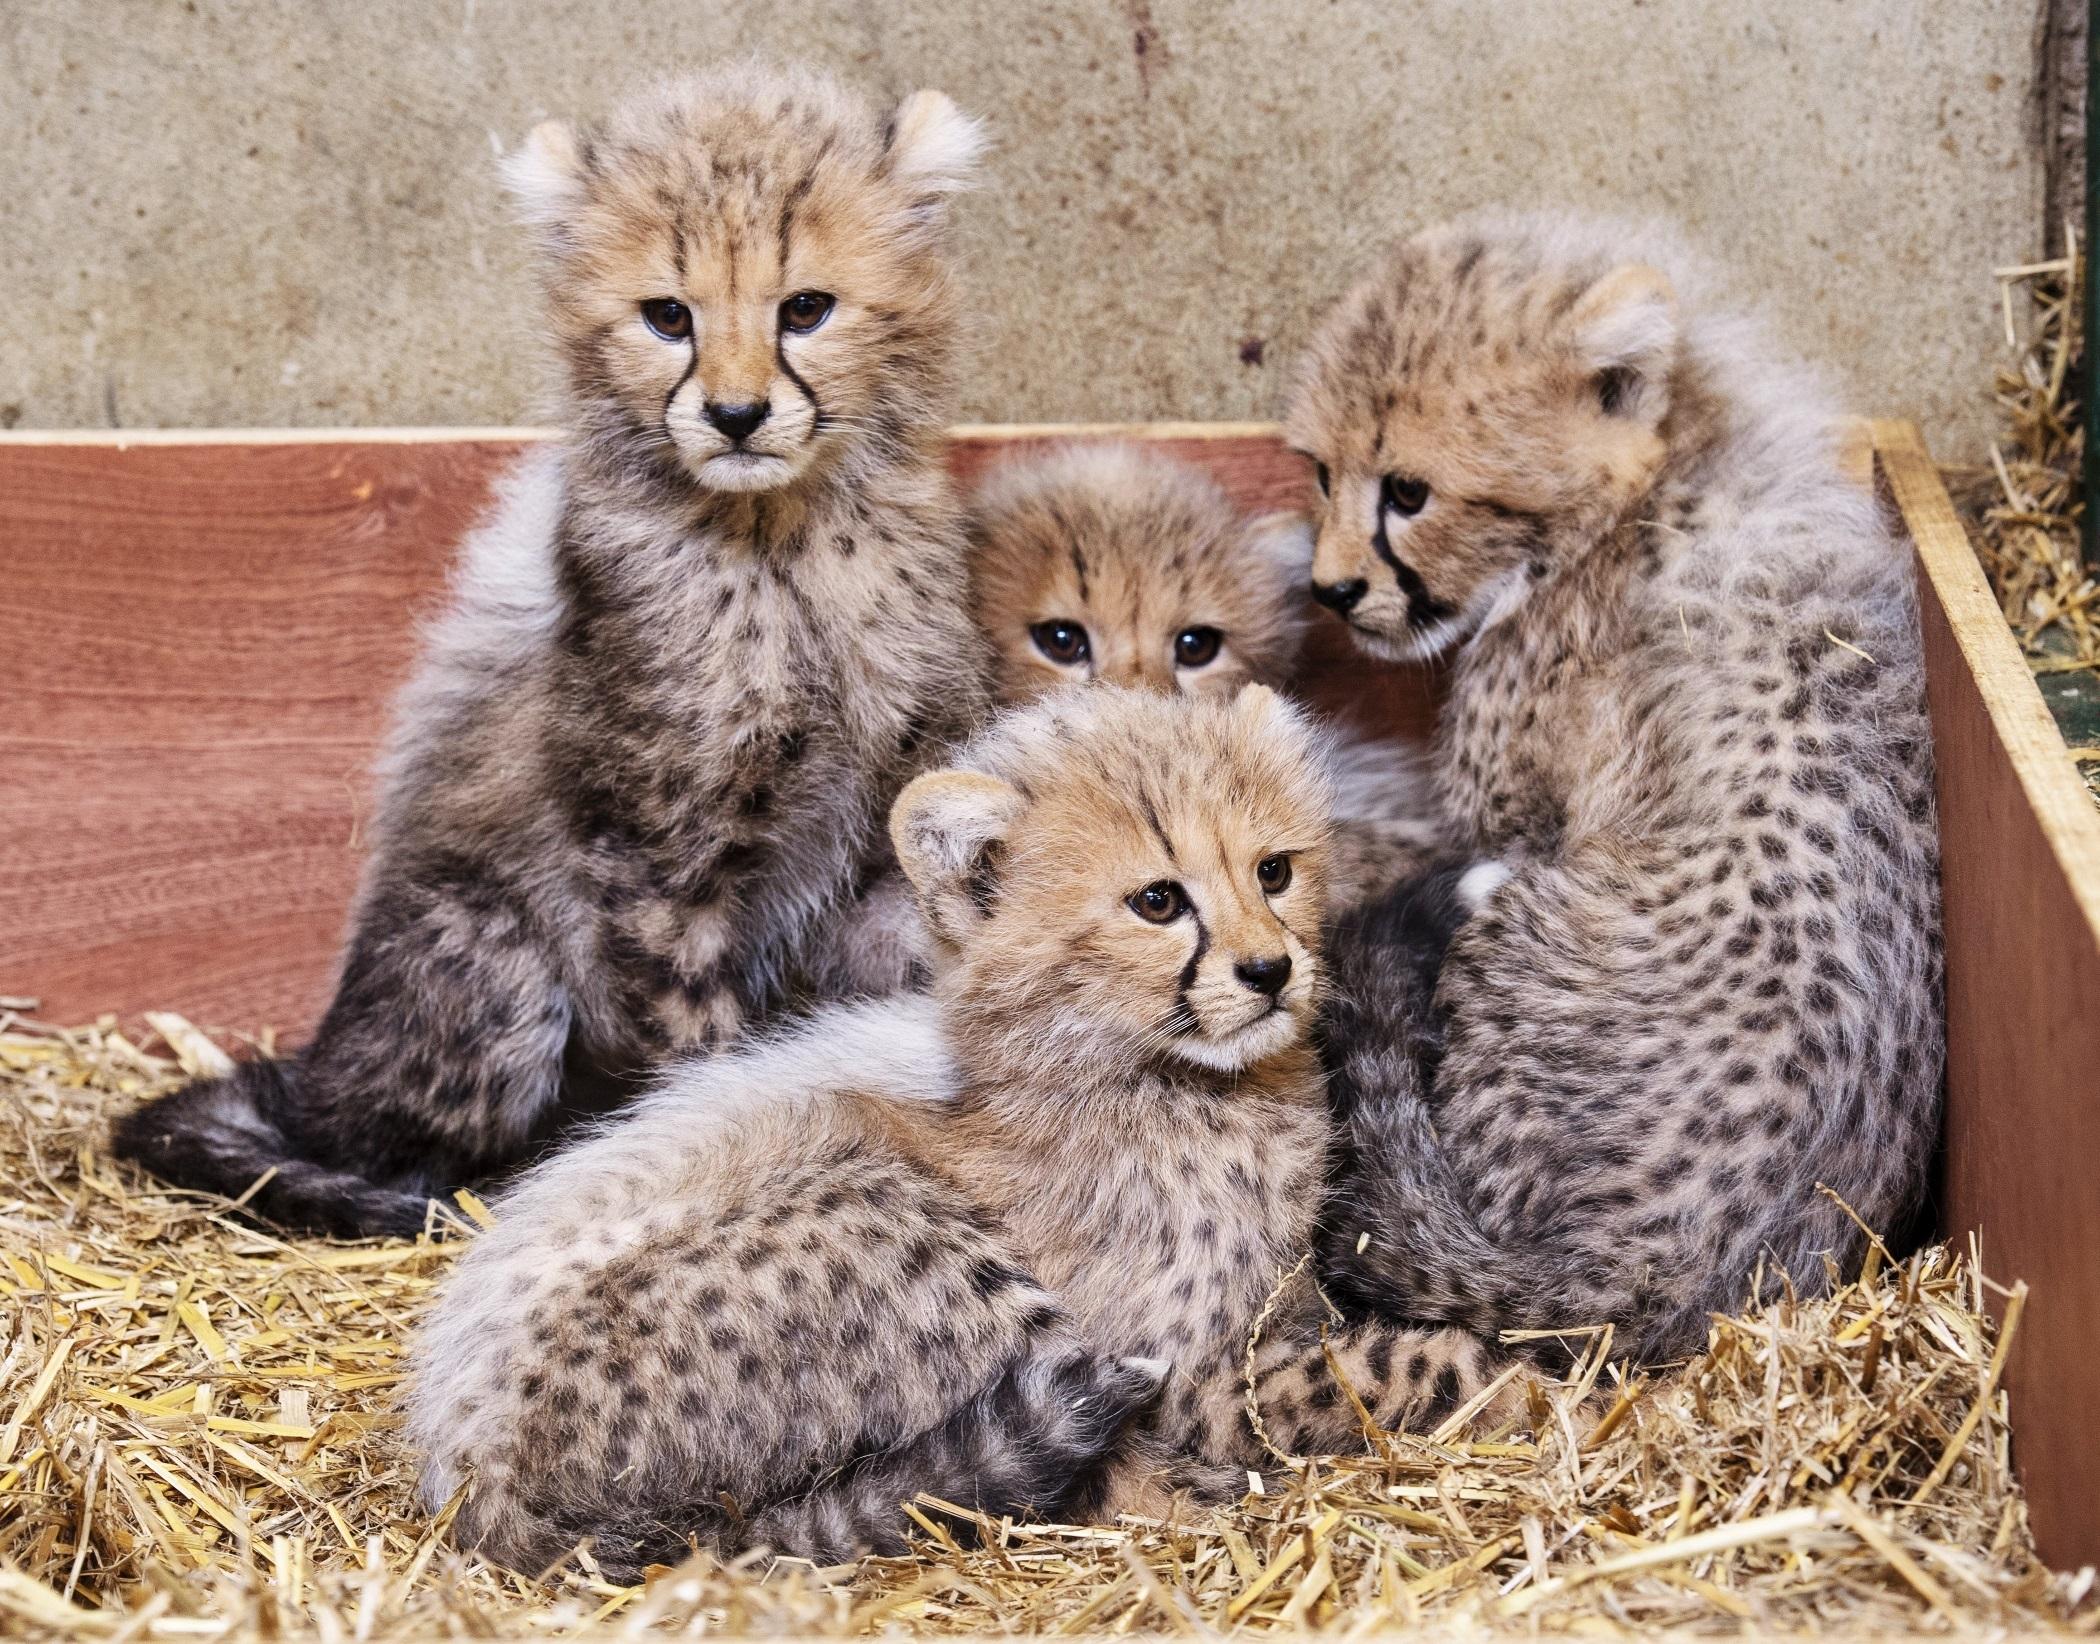 Dating websites uk 2019 cubs